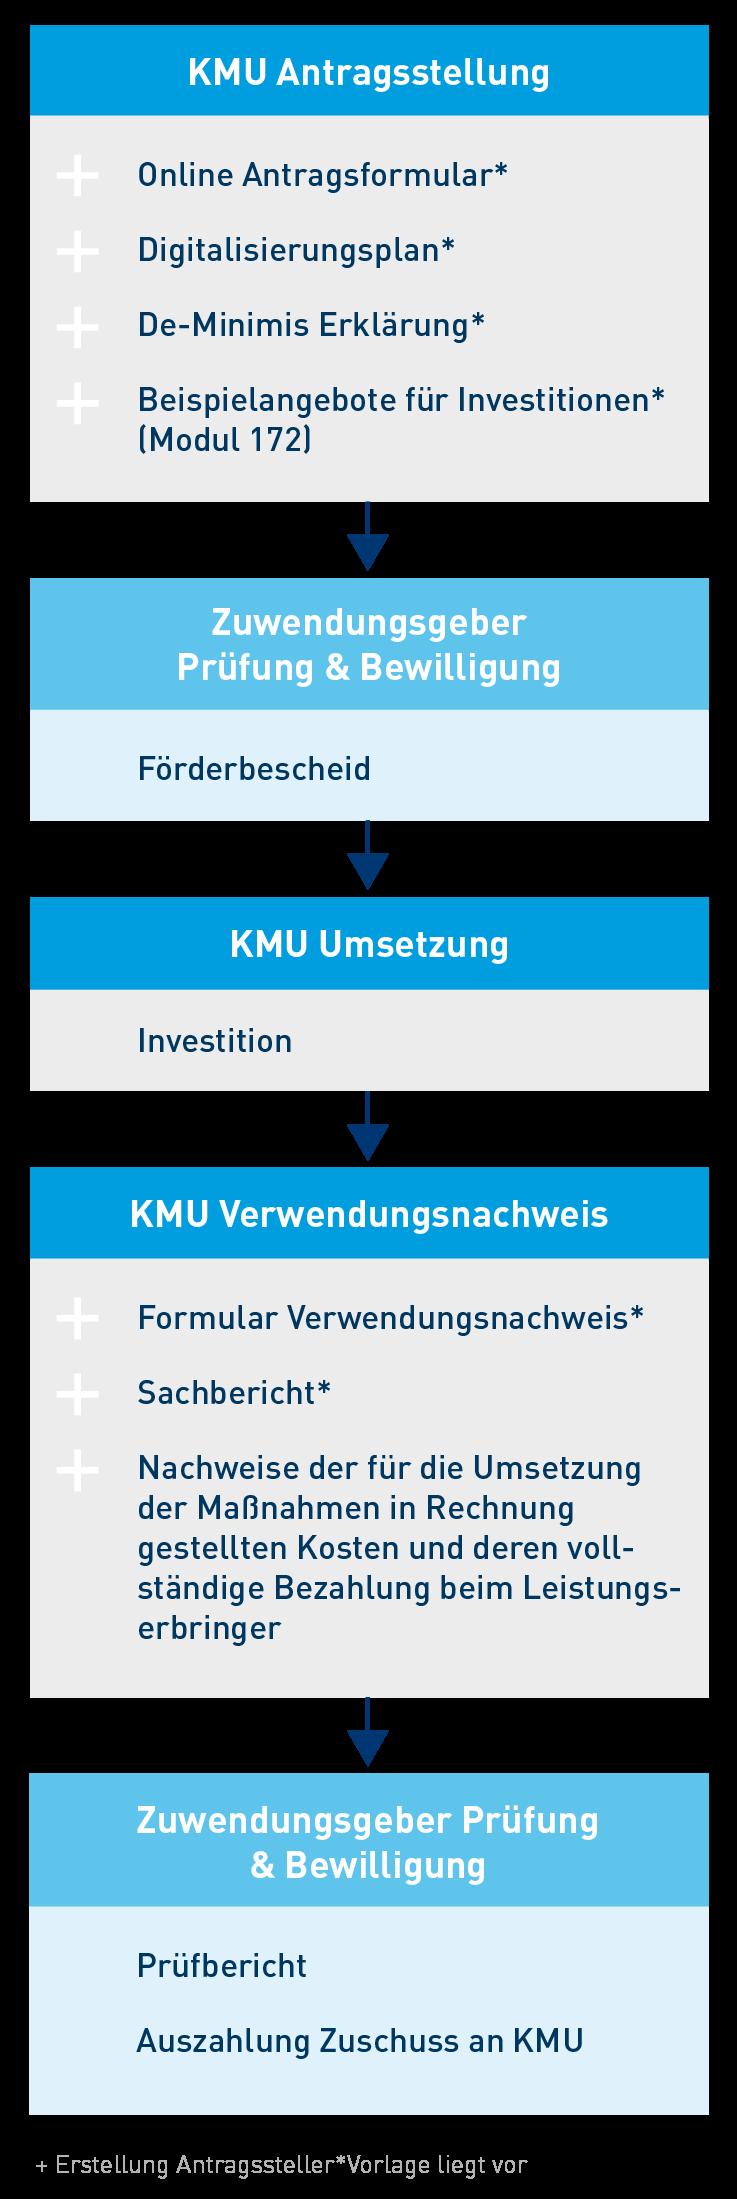 Digital Jetzt Foerderprogramm - Das Verfahren Mobil